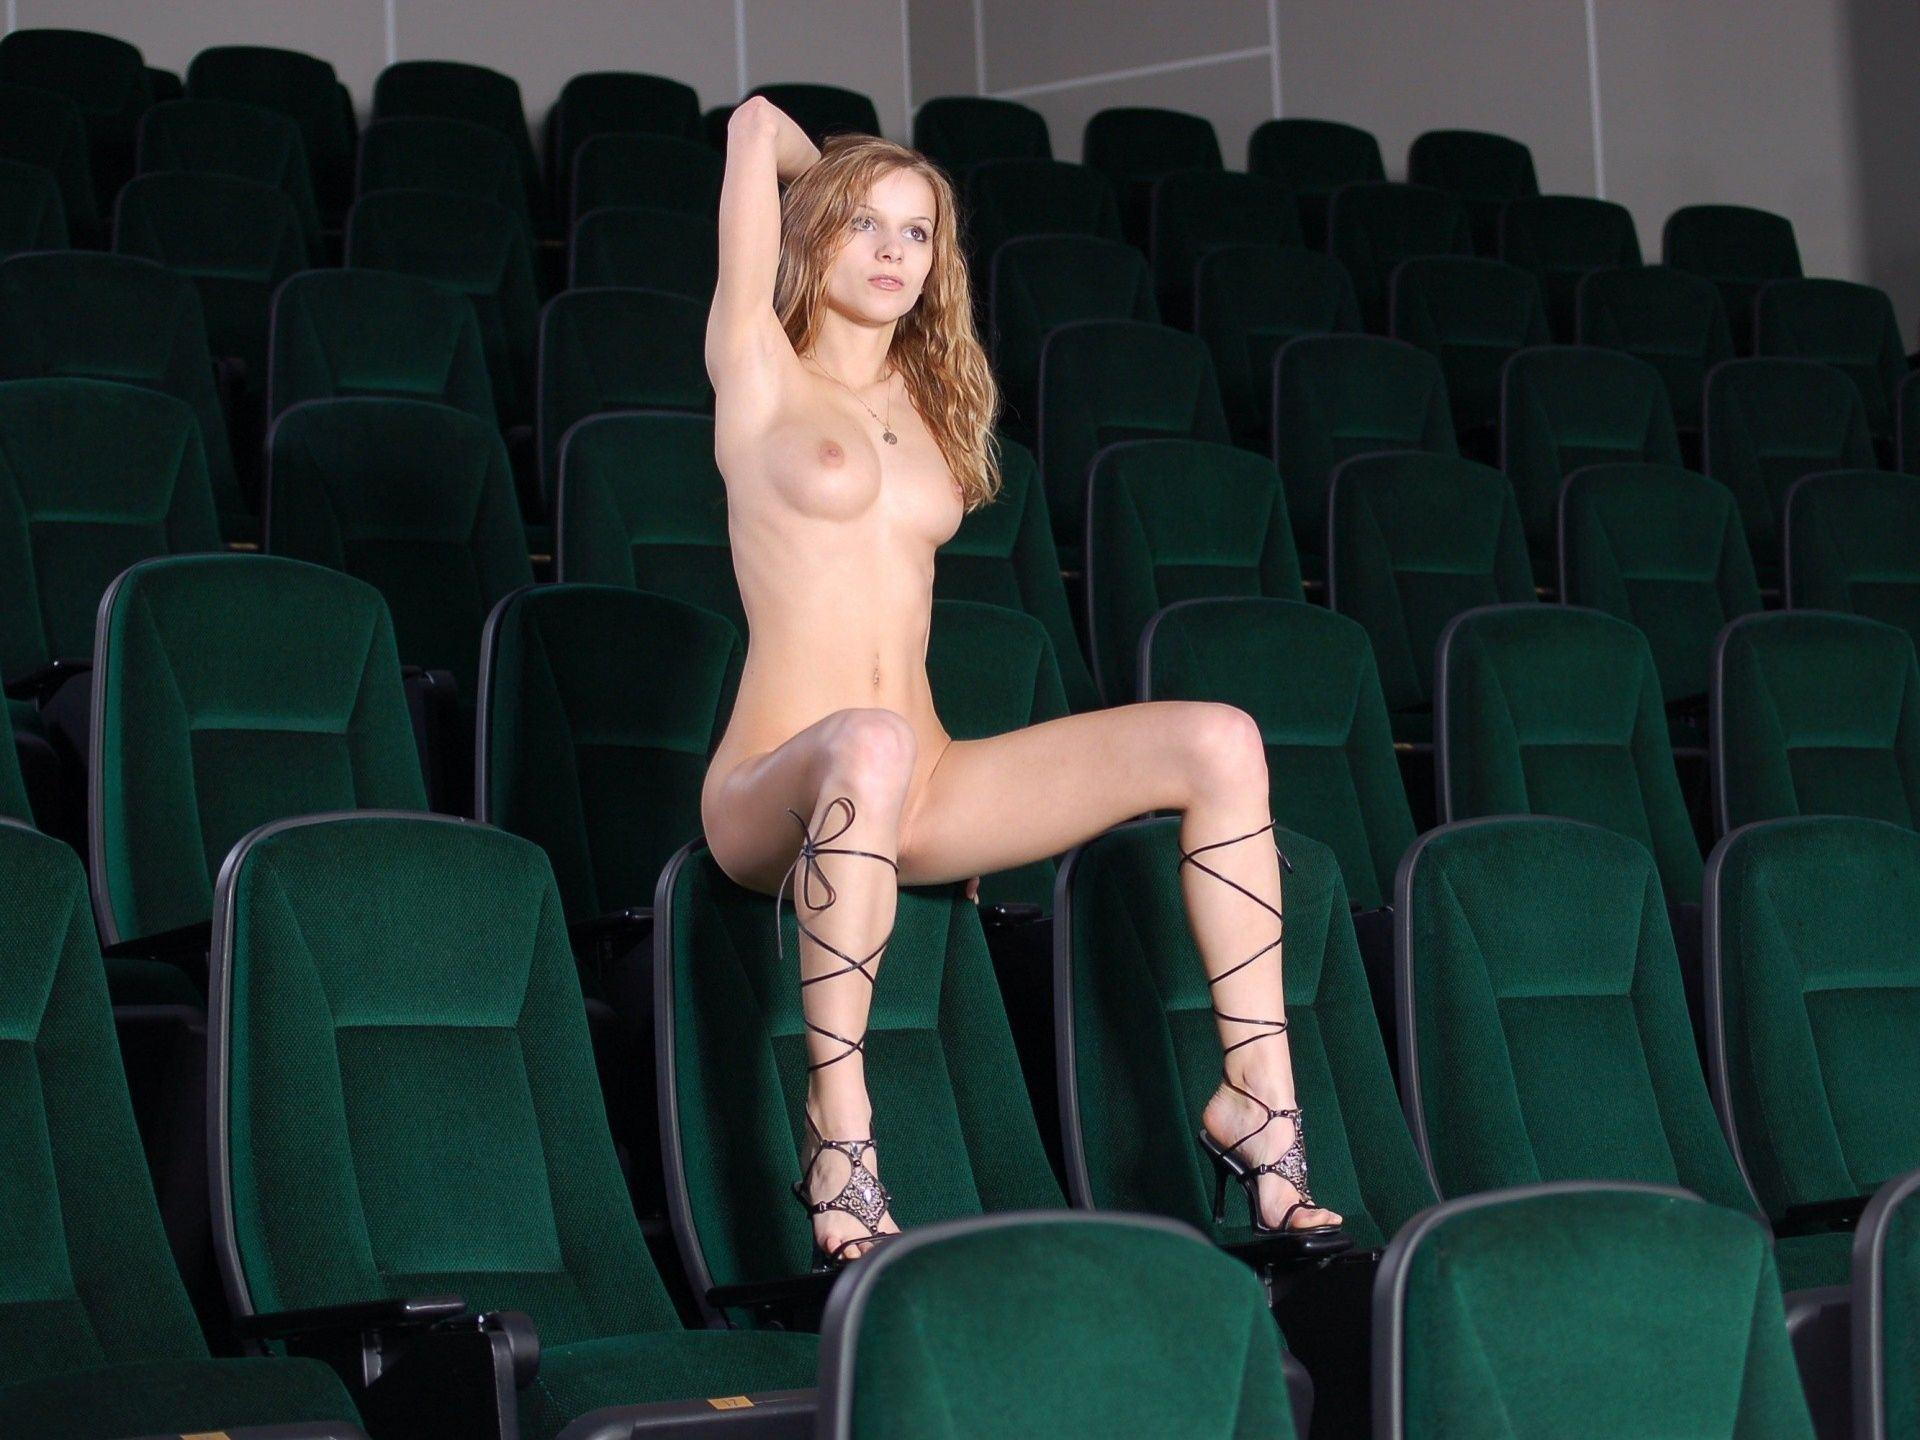 голая в кинотеатре